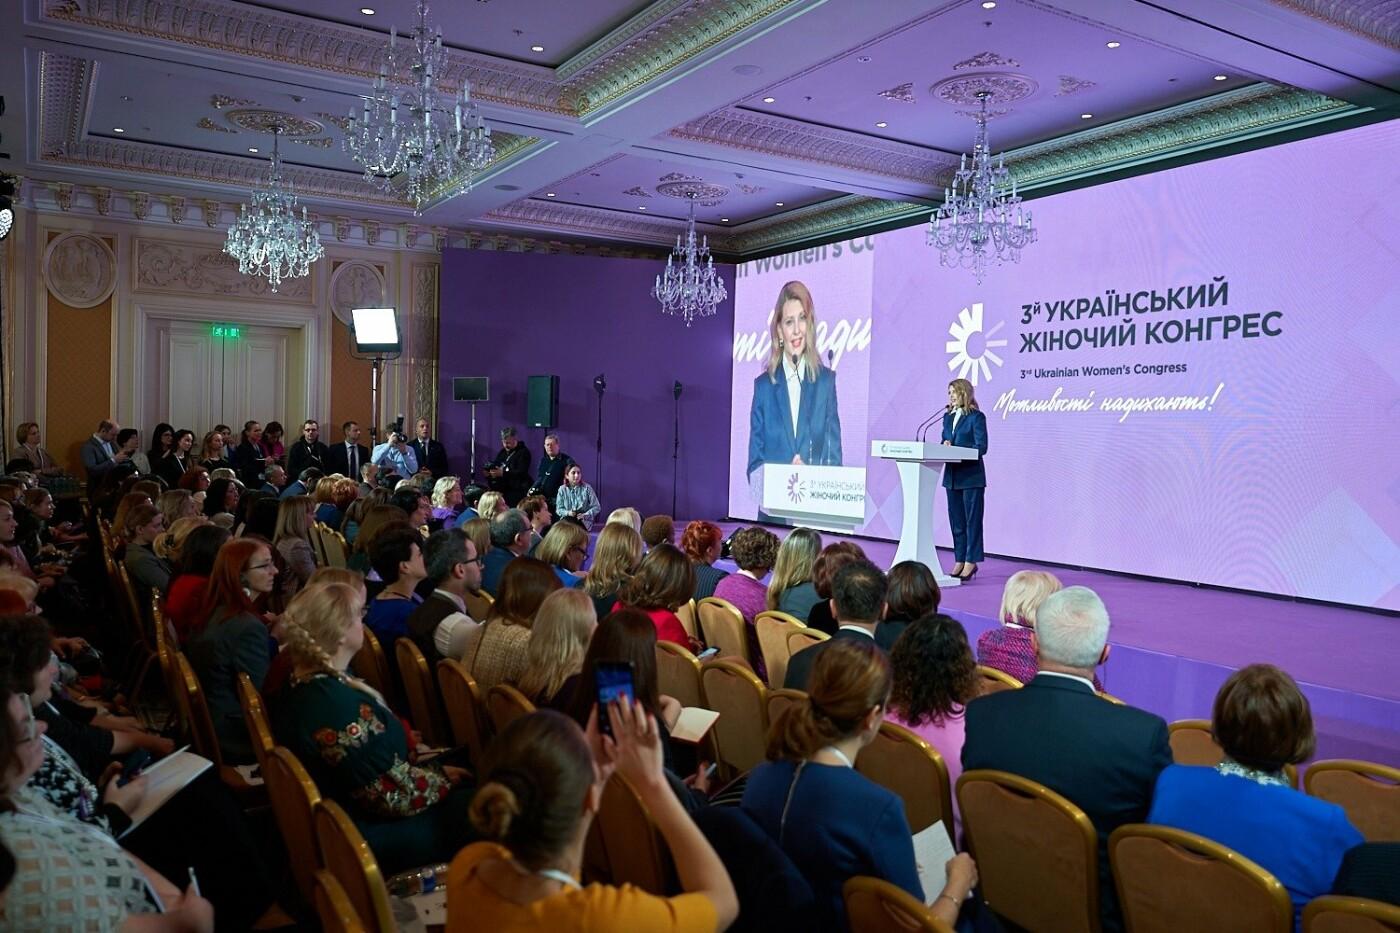 Фото со странички Украинского женского конгресса в Facebook